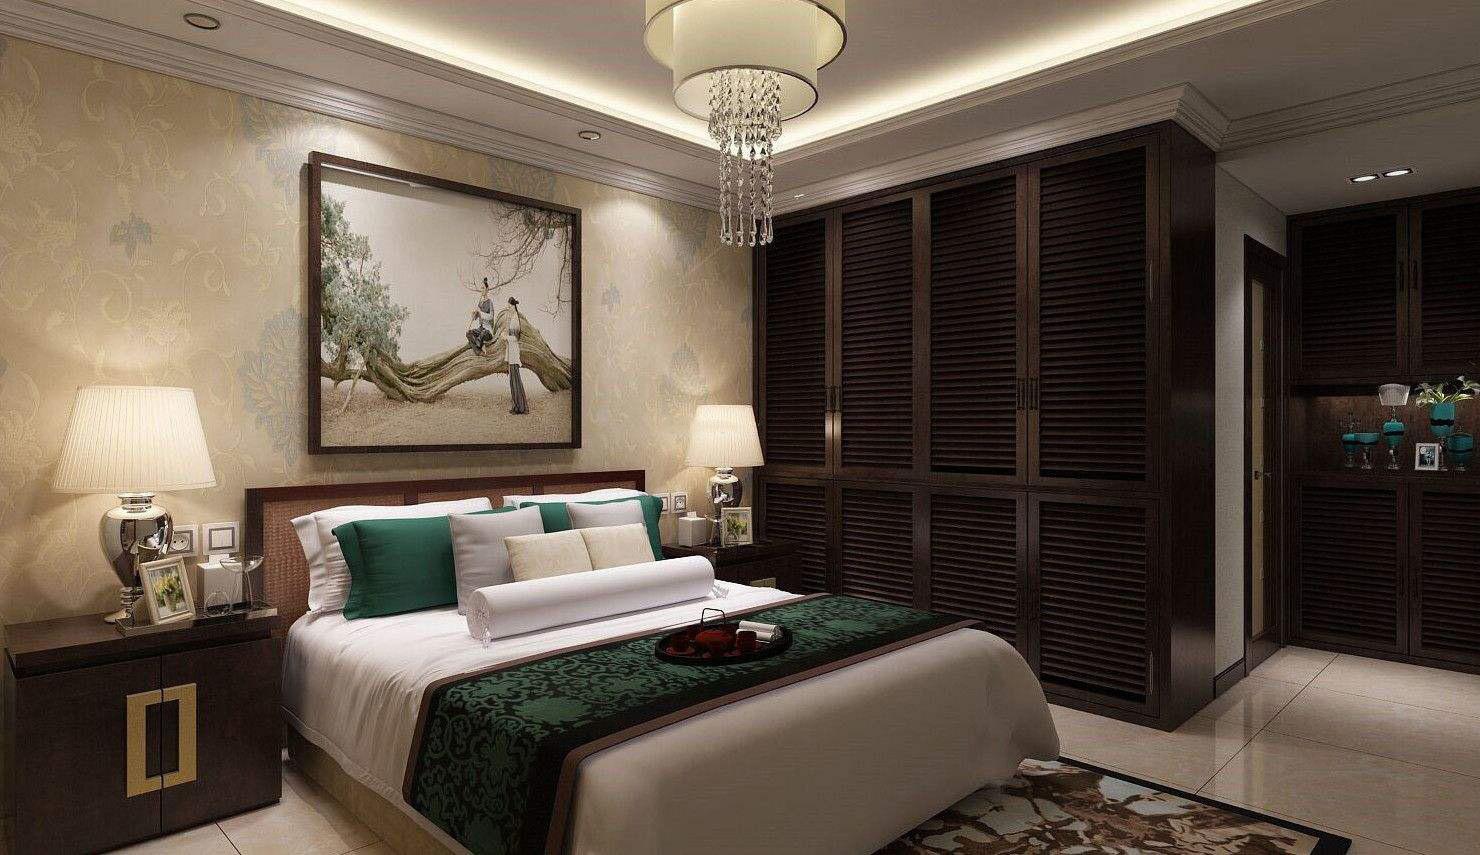 现代中式风格卧室顶装修效果图,现代中式卧室装修风格效果图